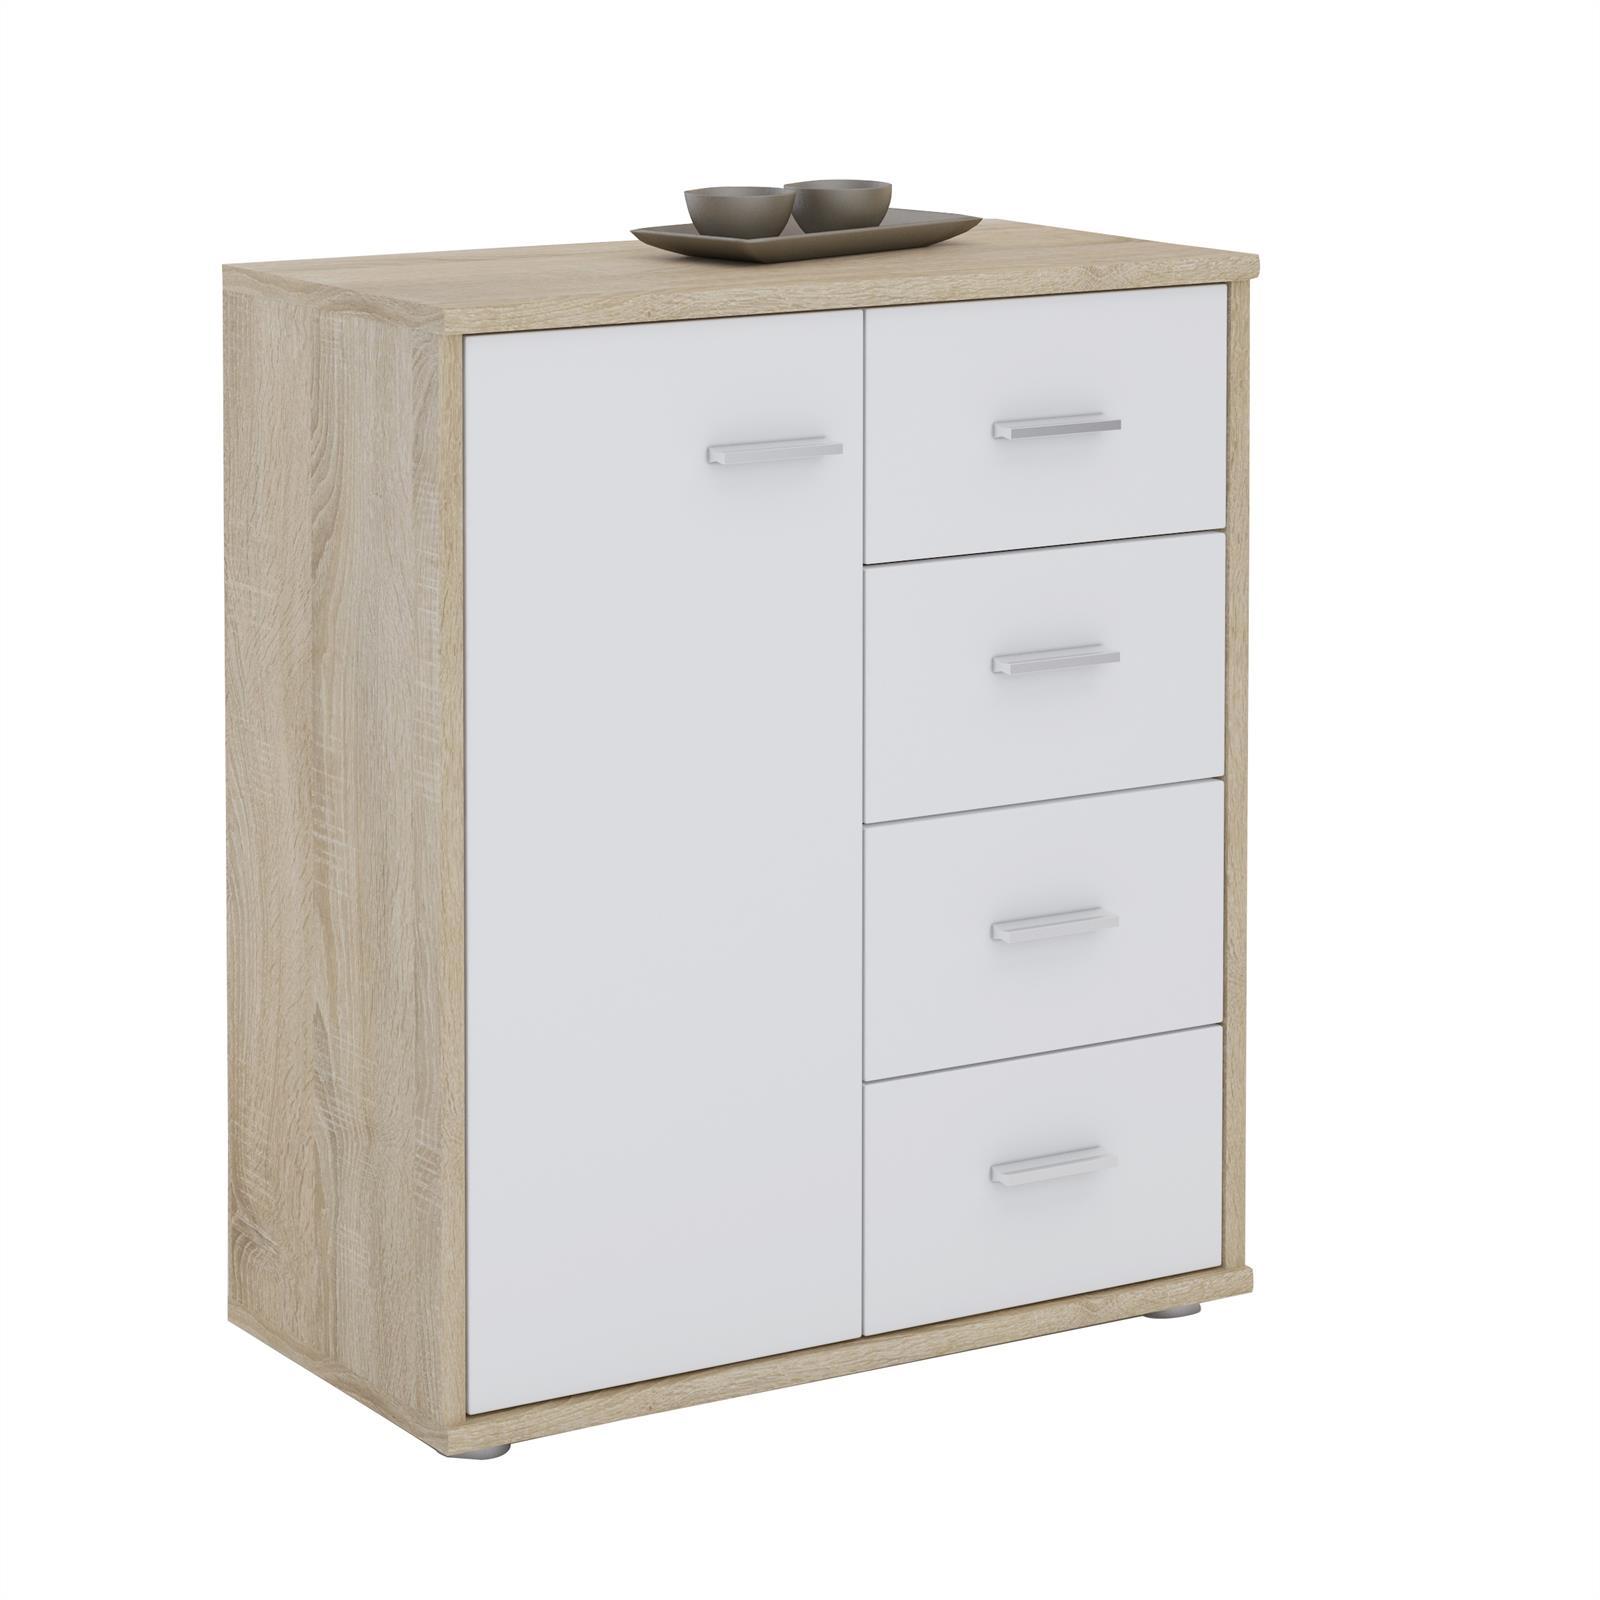 buffet oscar en m lamin d cor ch ne sonoma et blanc mat mobil meubles. Black Bedroom Furniture Sets. Home Design Ideas